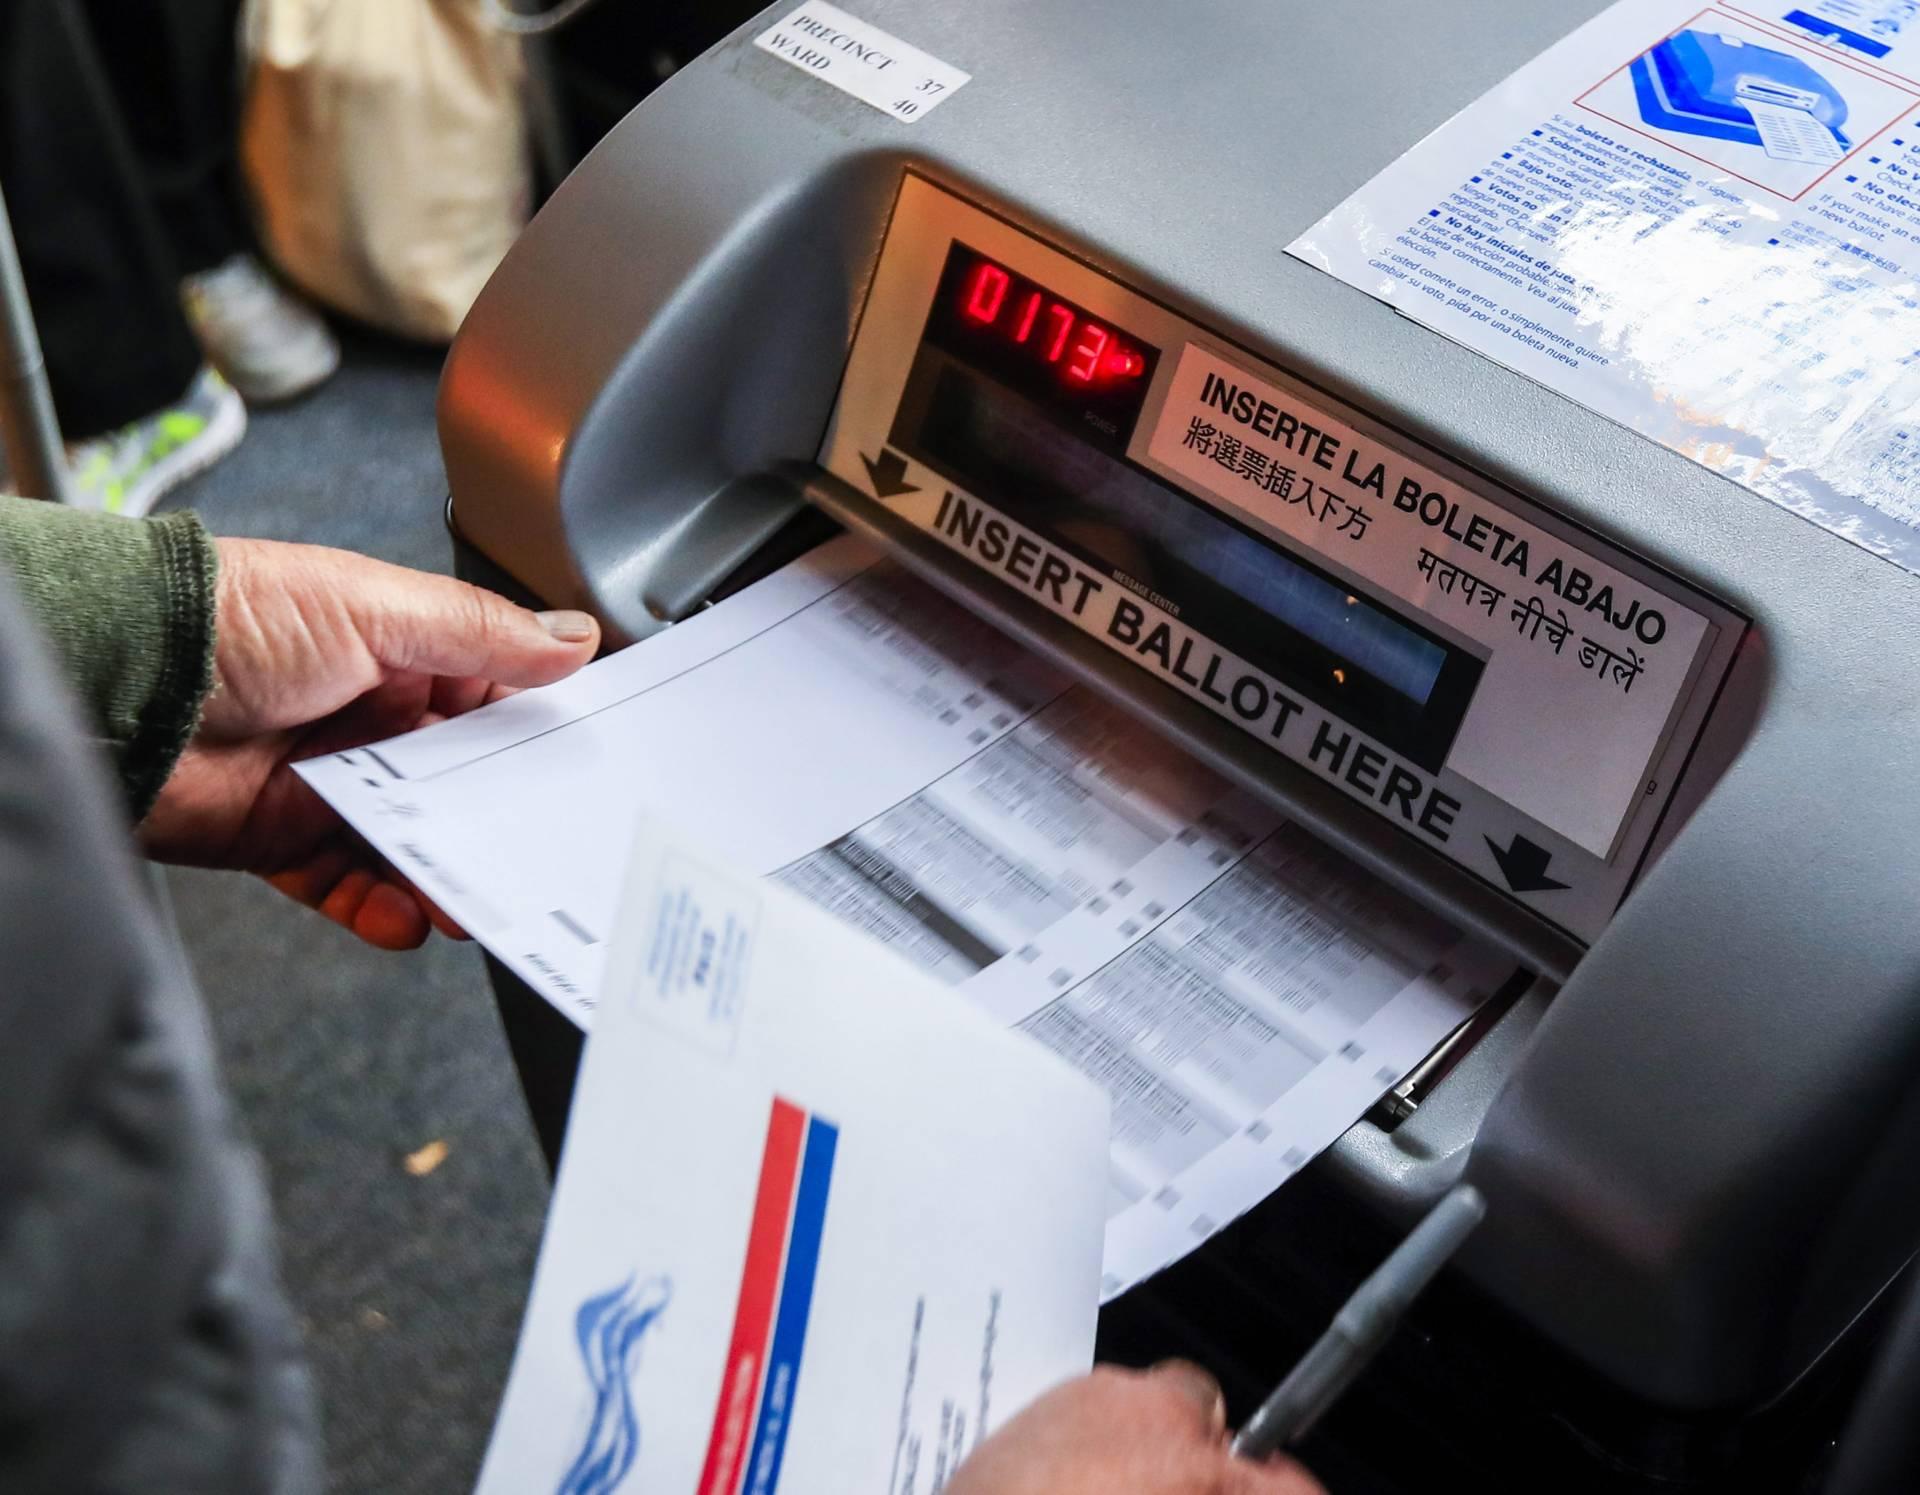 Un votante deposita su voto en la urna en la cafetería Pressure Billiards en Chicago de Illinois, Estados Unidos. EFE